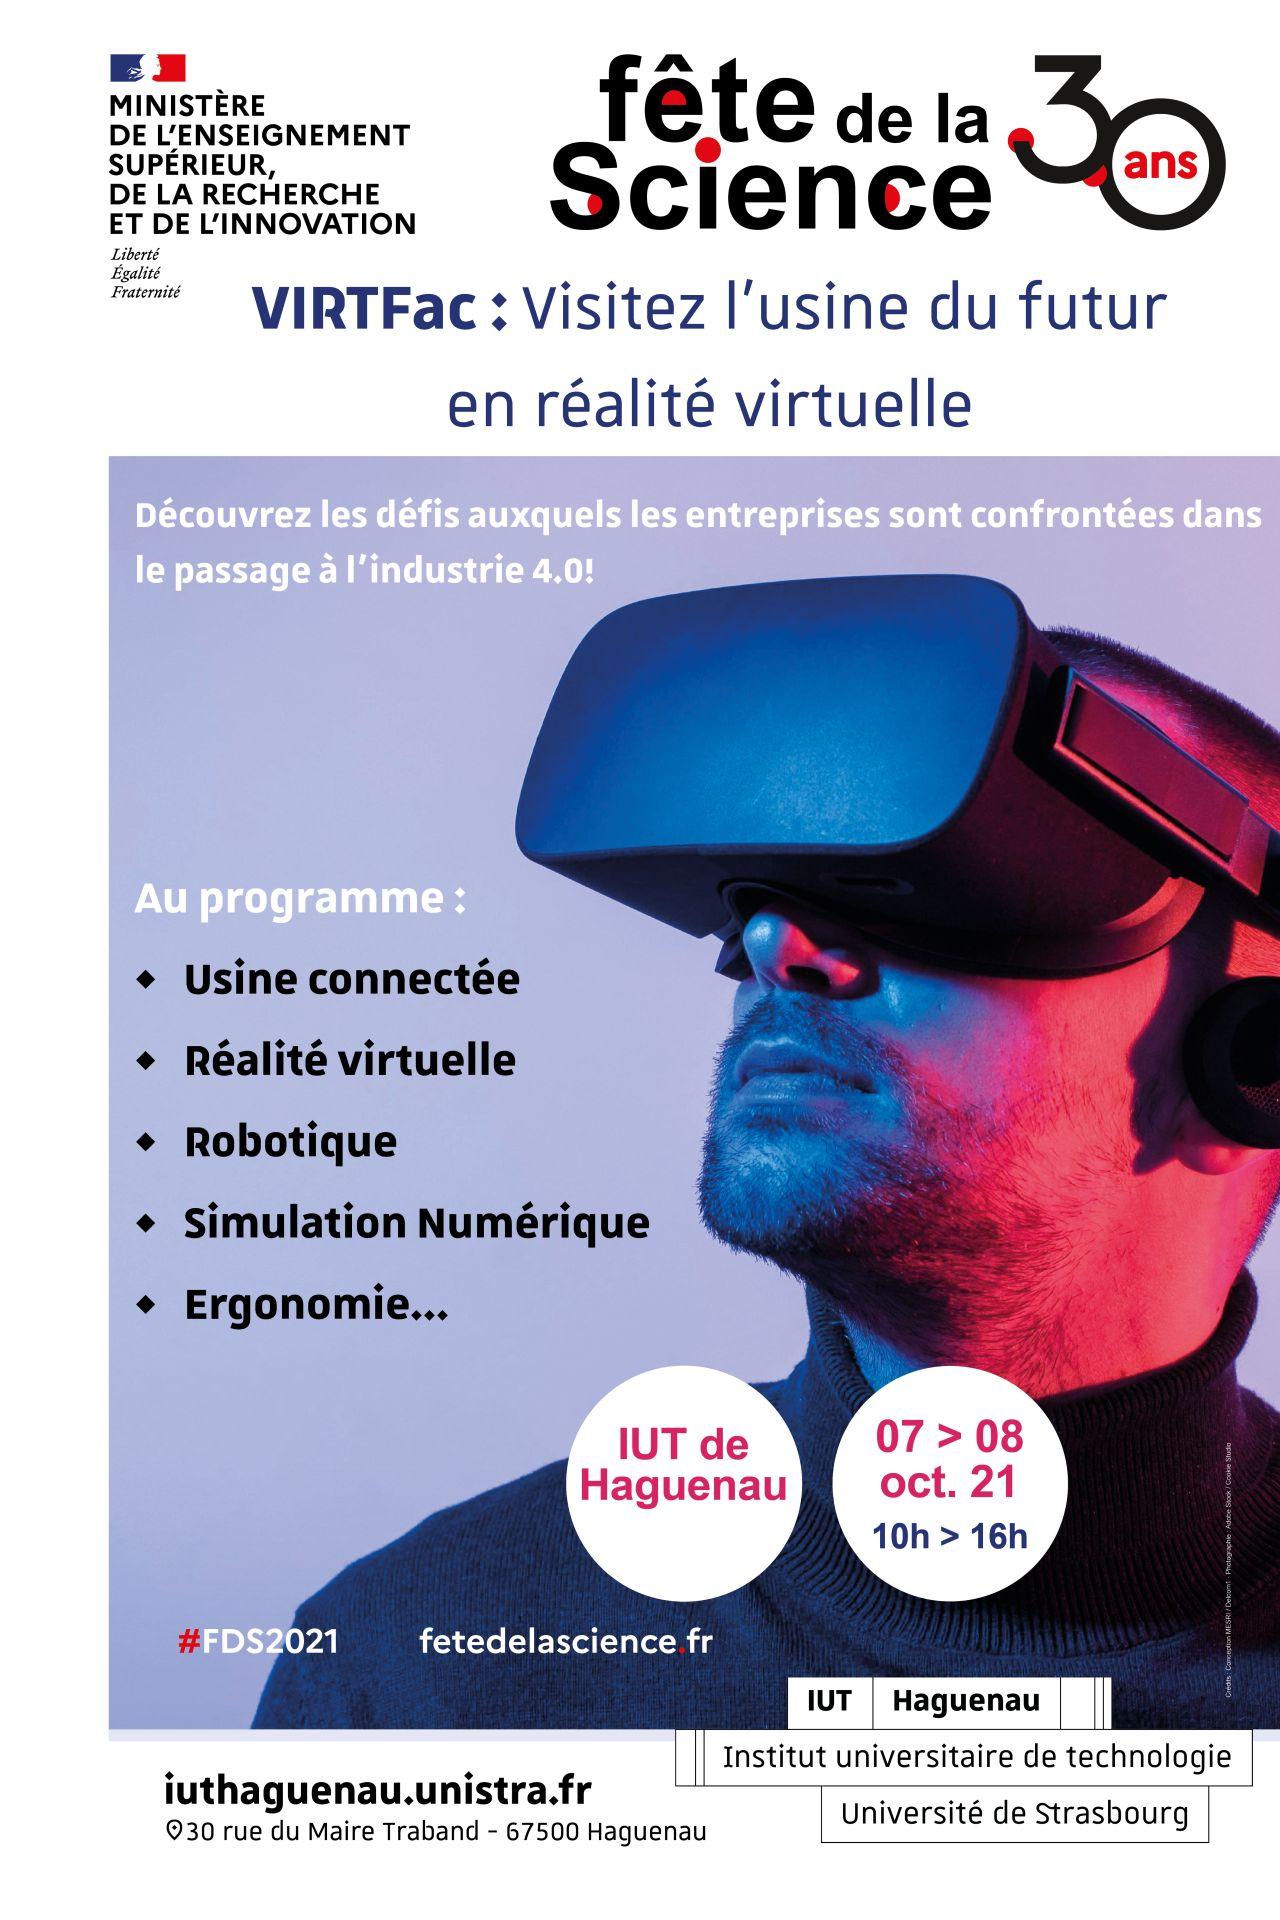 Fête de la Science - Visite : VIRTFac